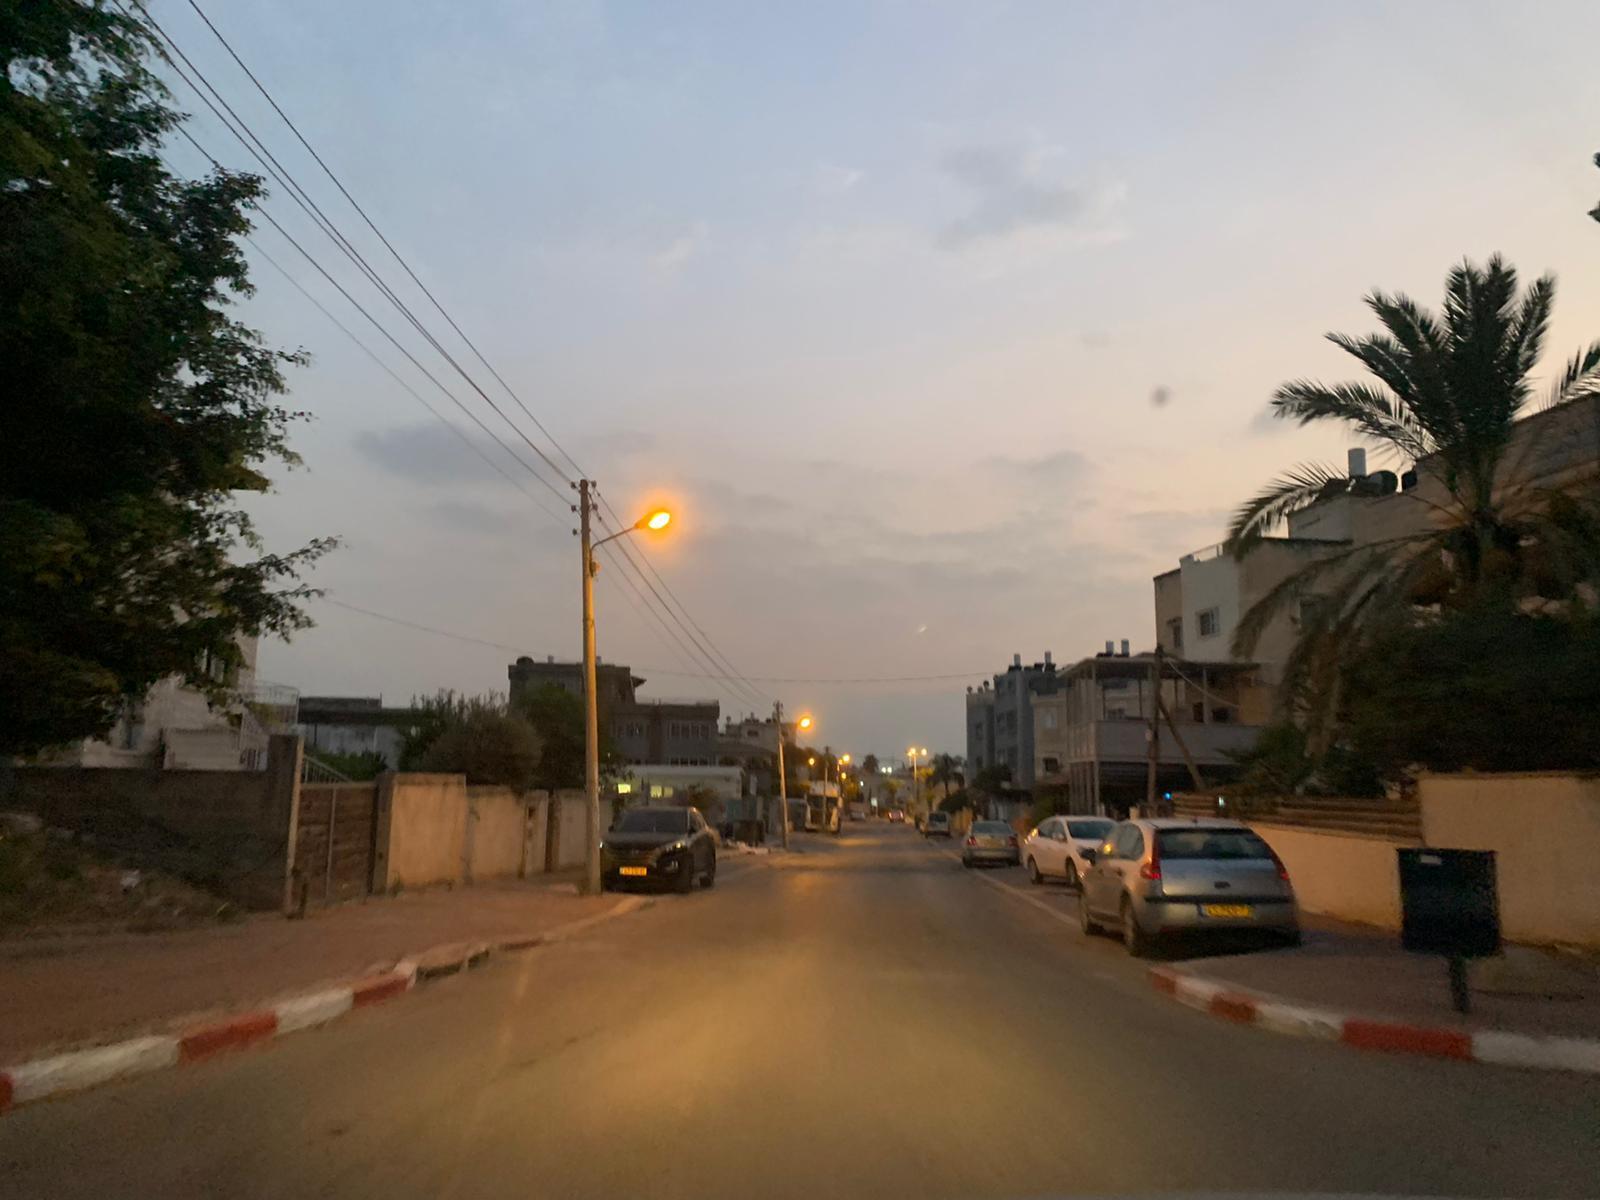 الإغلاق الليلي يدخل حيز التنفيذ في 40 بلدة معظمها عربية